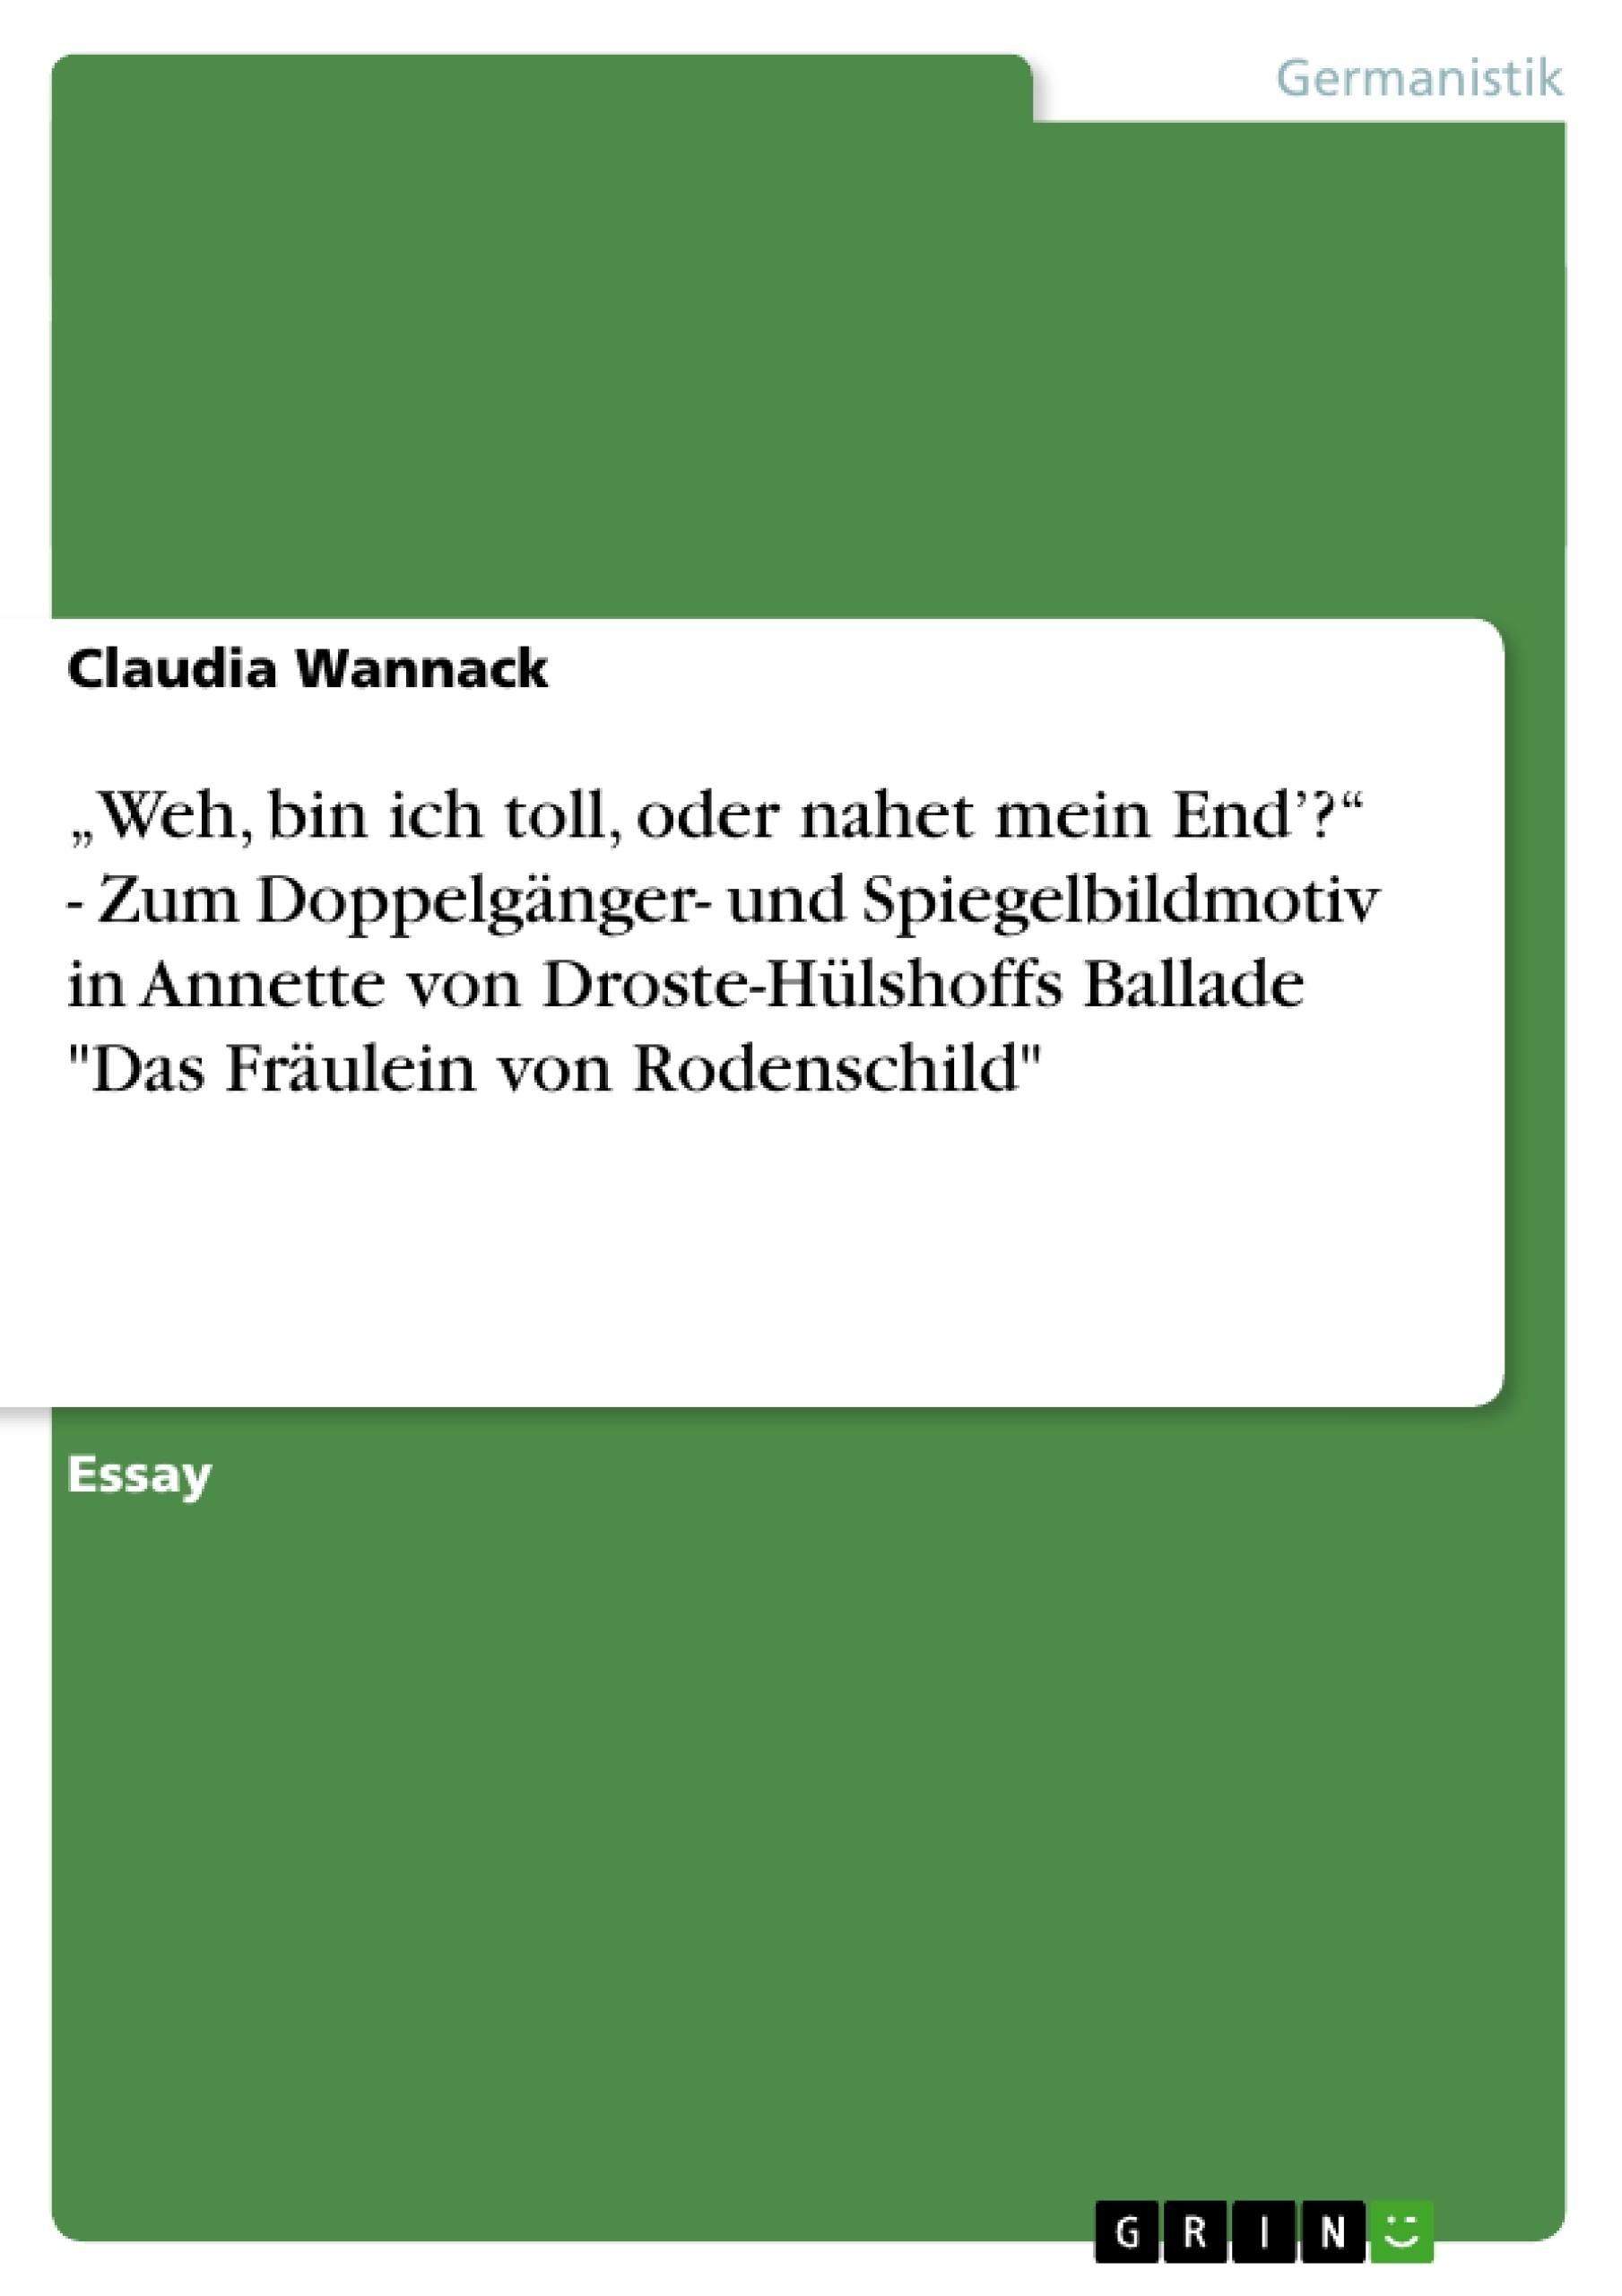 """Titel: """"Weh, bin ich toll, oder nahet mein End'?"""" - Zum Doppelgänger- und Spiegelbildmotiv in Annette von Droste-Hülshoffs Ballade """"Das Fräulein von Rodenschild"""""""